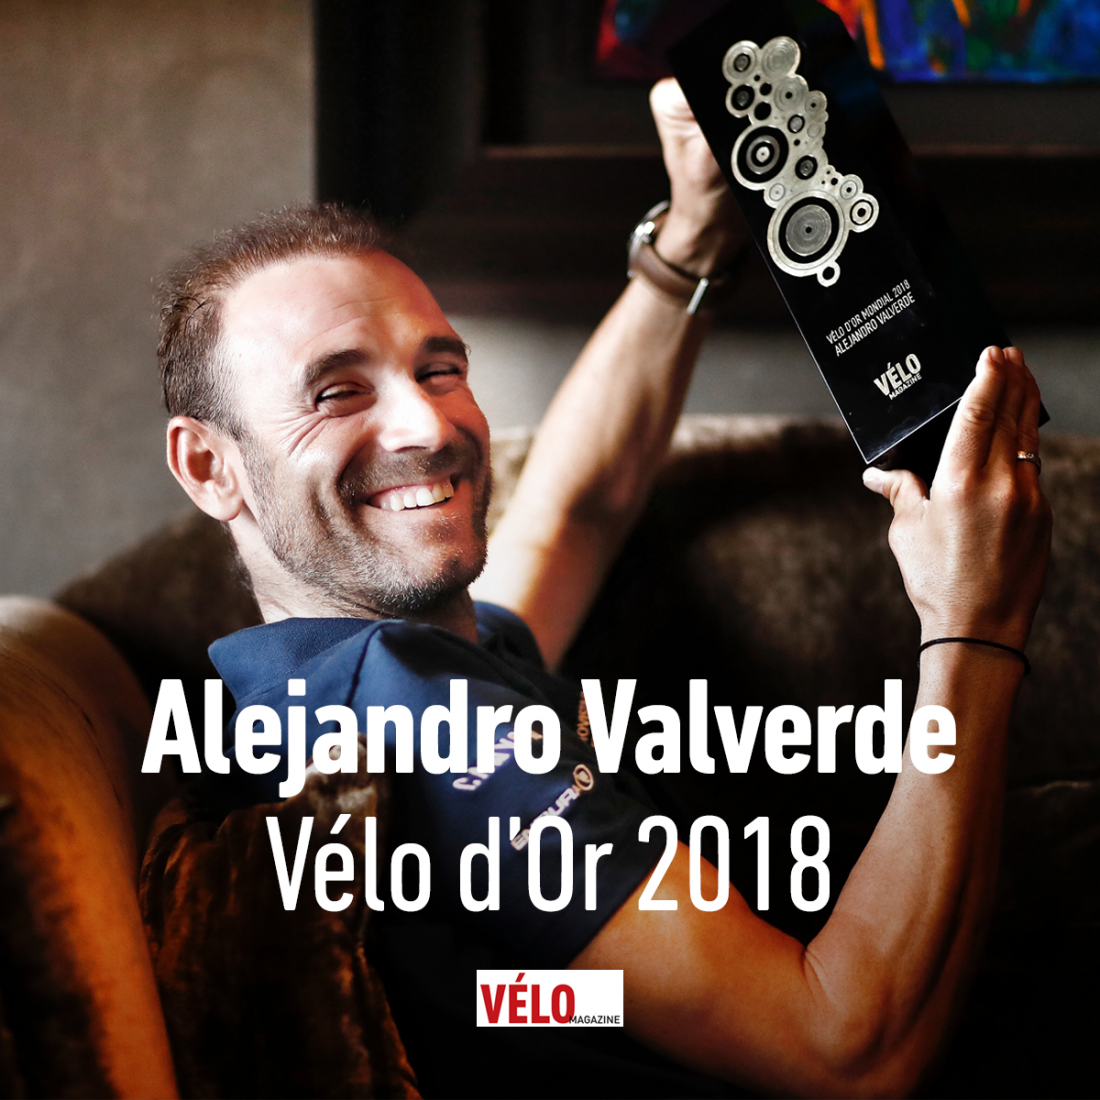 I premi dell'anno 2018: da Valverde a Lefévère